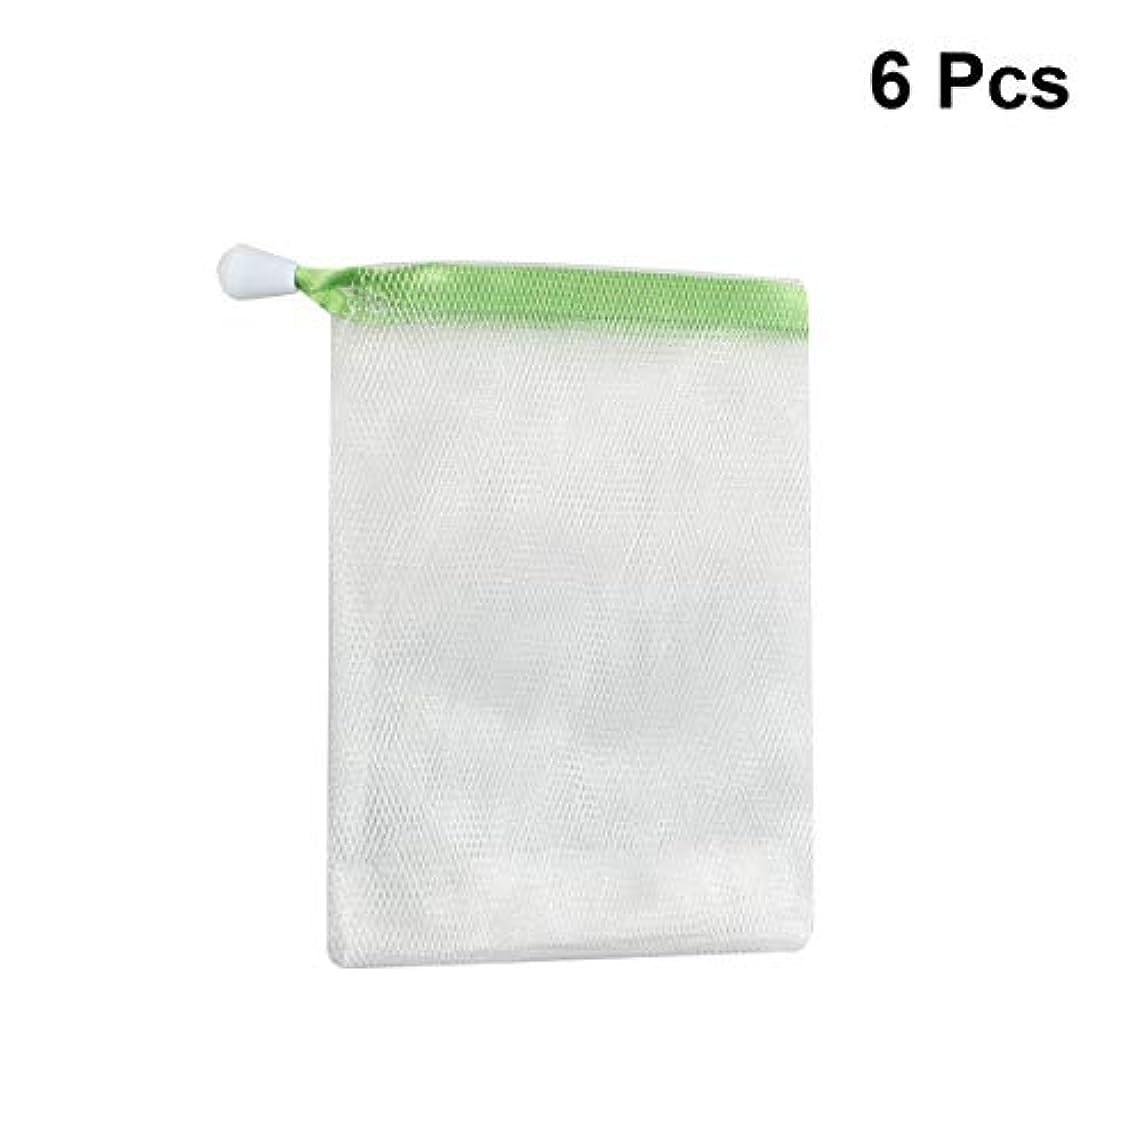 大統領母暴露Lurrose 6ピースソープセーバーバッグ手作り石鹸クレンジング発泡ネット洗濯ネットフェイシャルボディクリーニングツール用シャワーフェイシャルクリーニング(ランダムカラー)